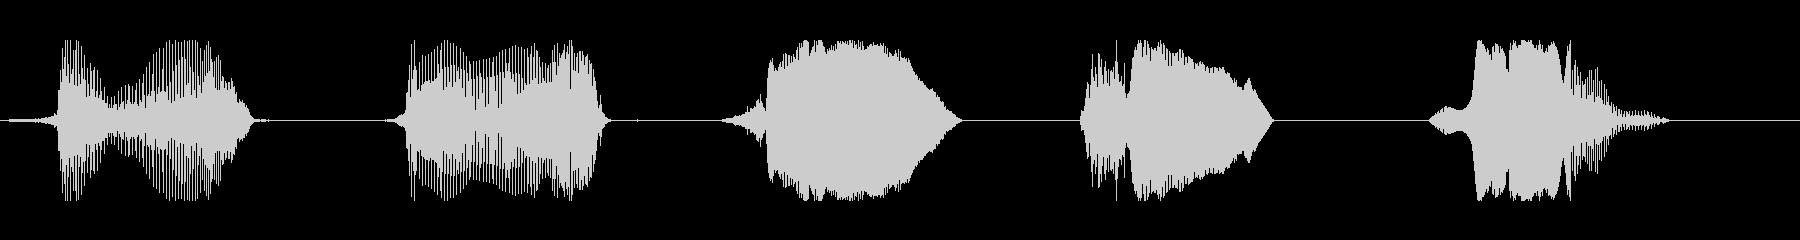 カウント 54321 (英語・おちゃらけの未再生の波形